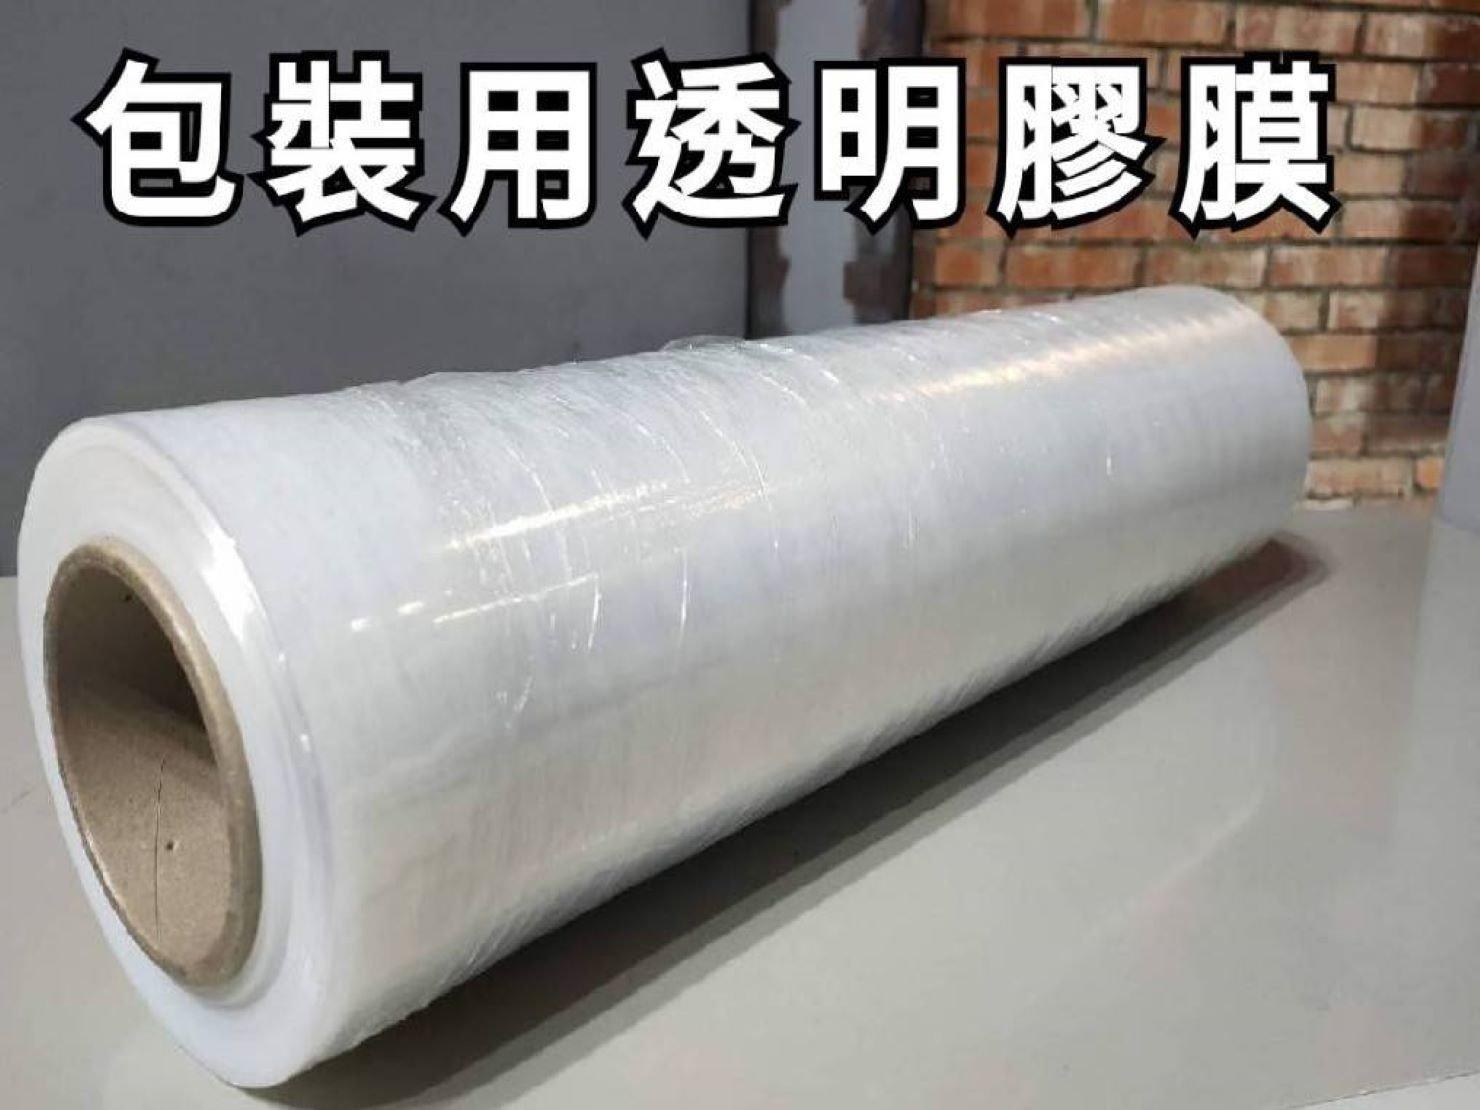 【搬家包裝耗材】膠膜包材商品的使用就像在您的物品、家具上面加了一層保護膜。